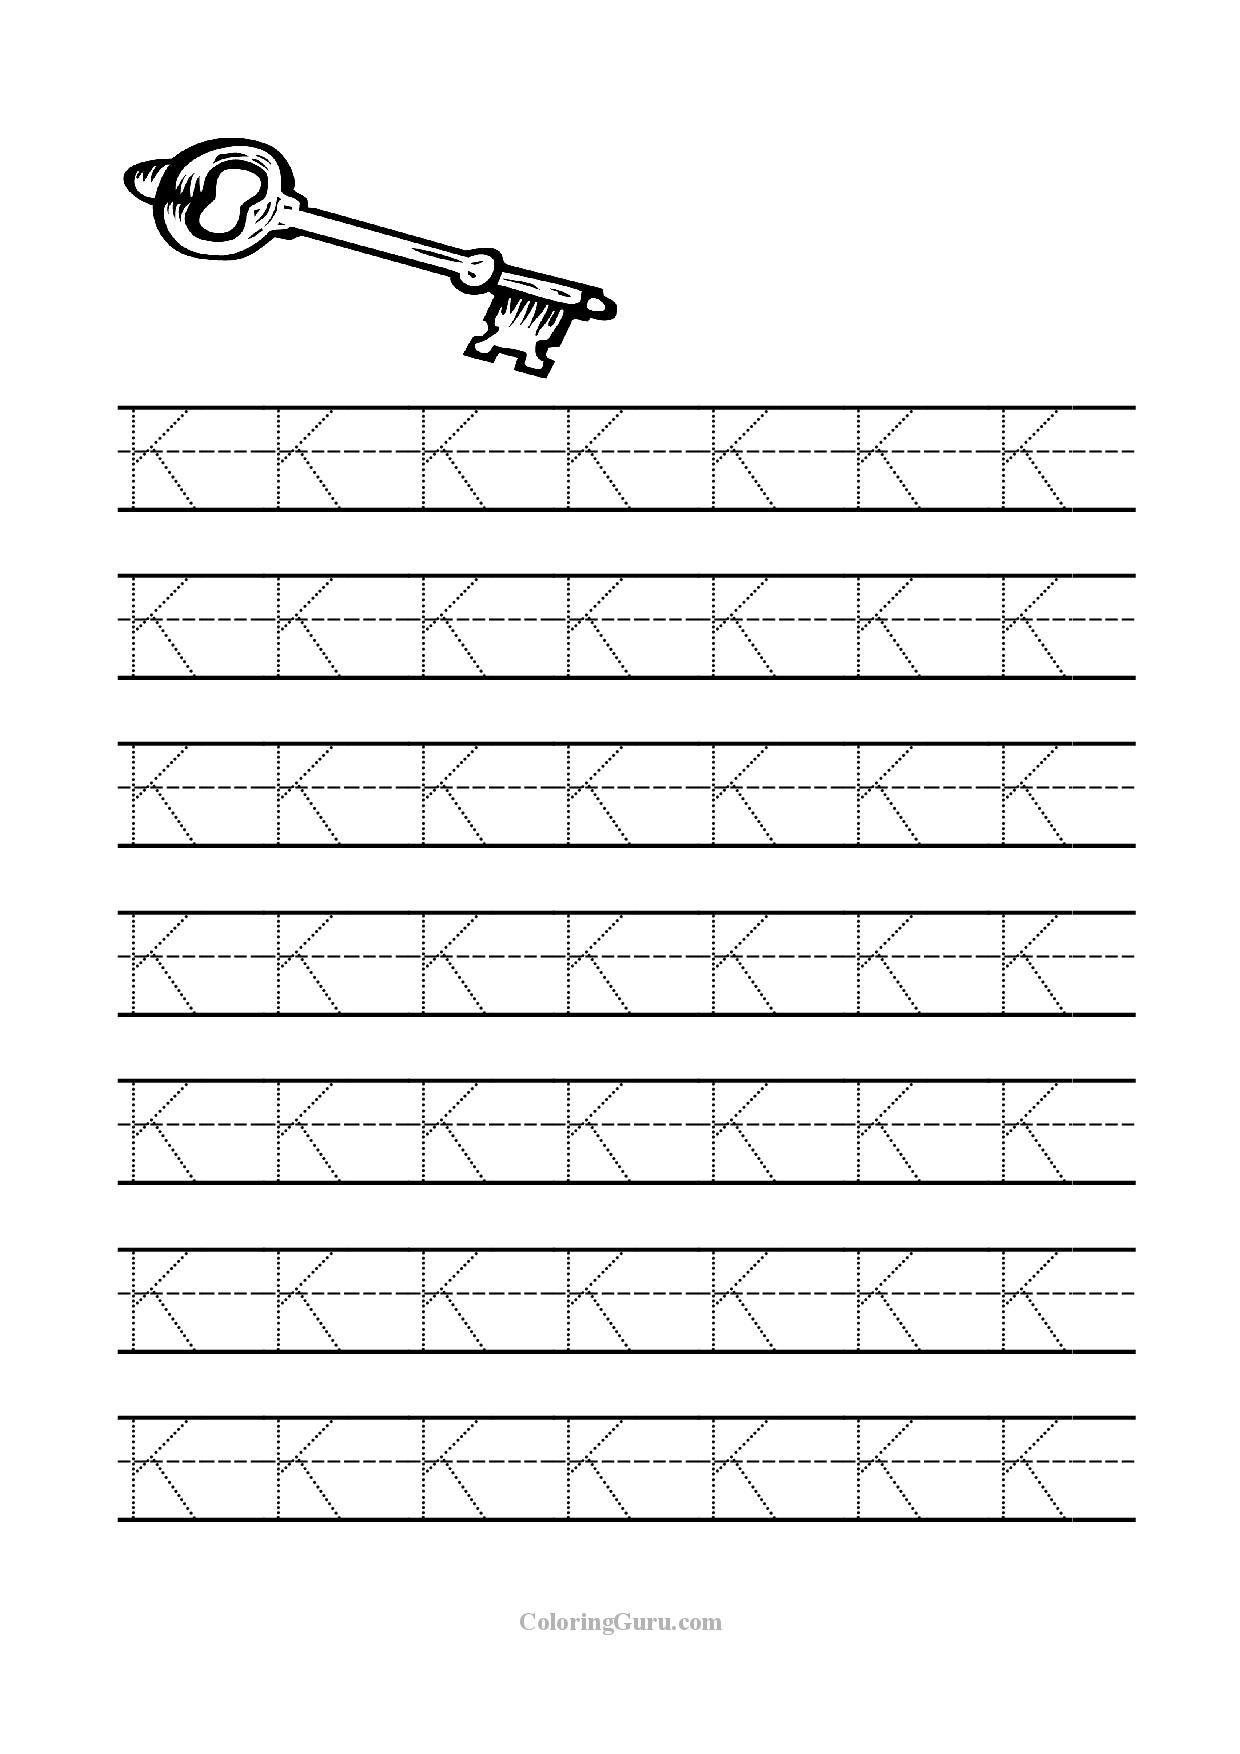 Free Printable Tracing Letter K Worksheets For Preschool regarding Tracing Letter I Worksheets For Kindergarten